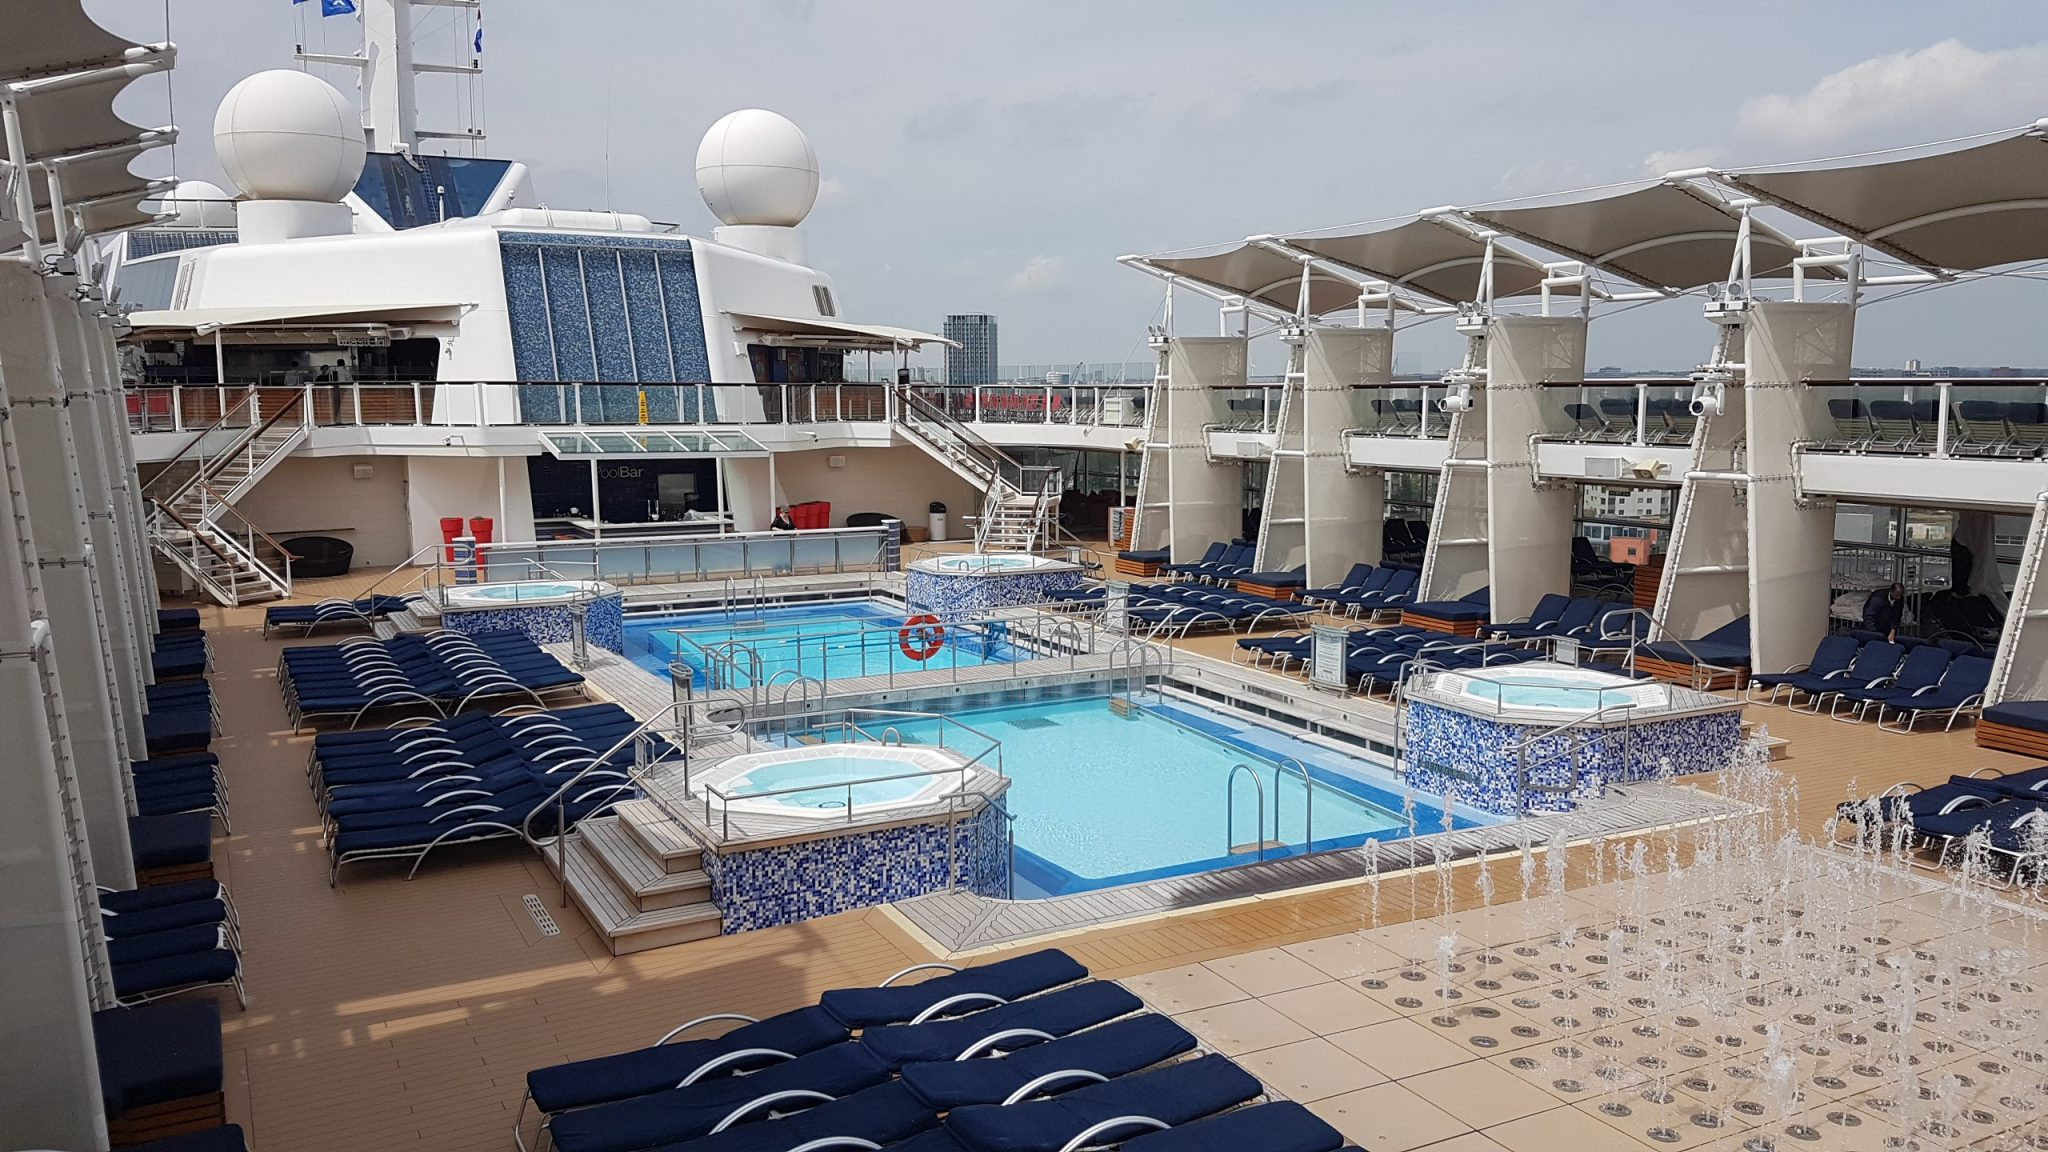 Celebrity Eclipse Cruise Ship | Celebrity Cruises